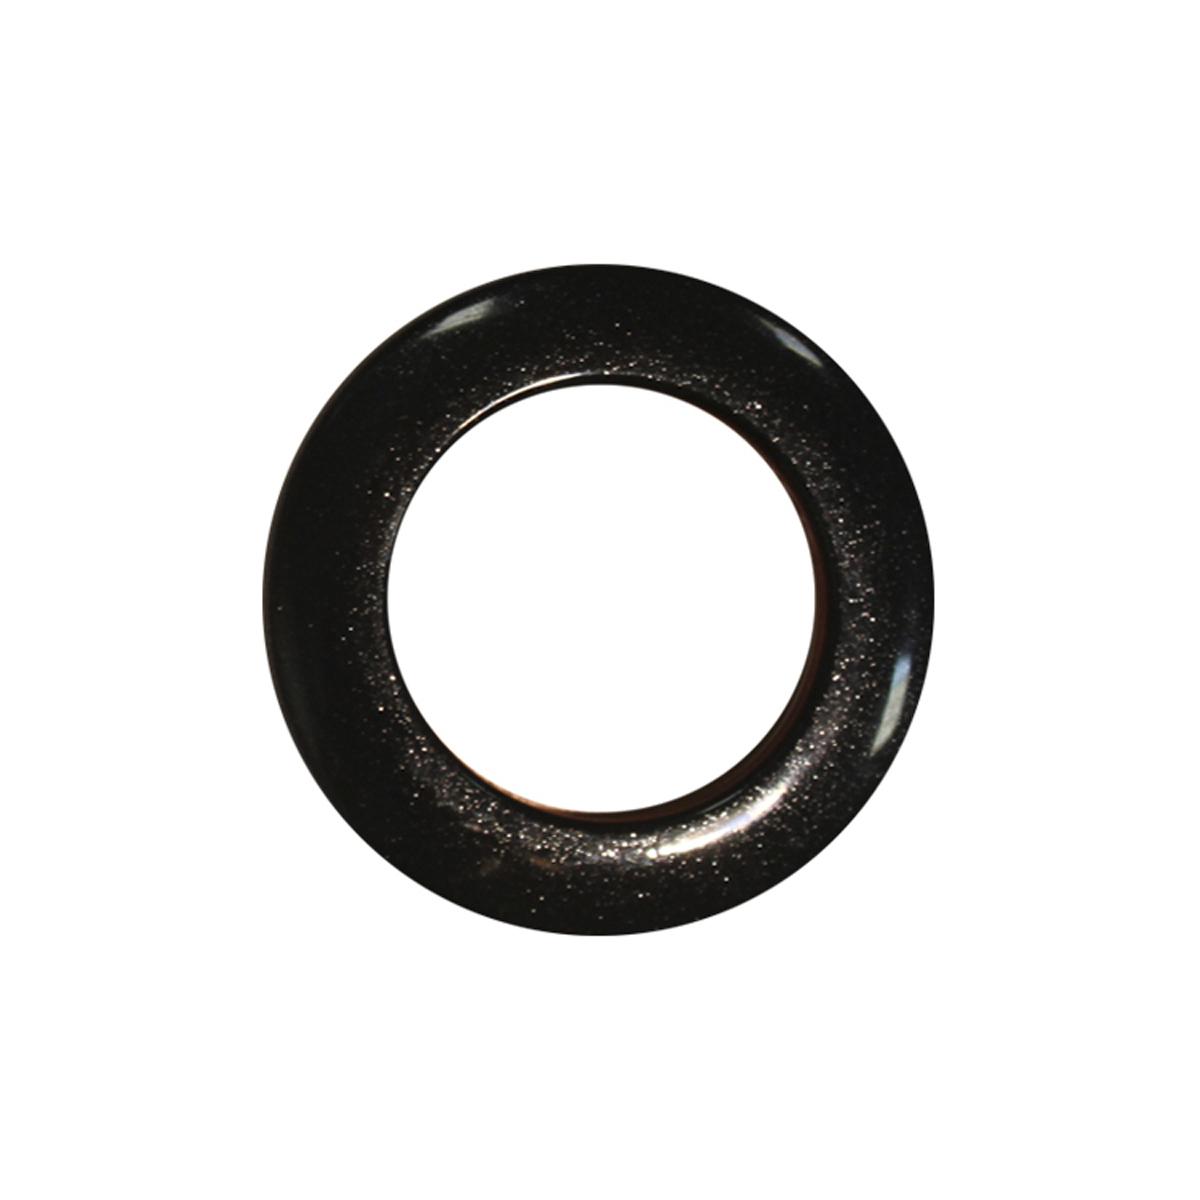 """Набор люверсов """"Алди"""", цвет: черный мрамор, диаметр 35 мм, 10 шт"""